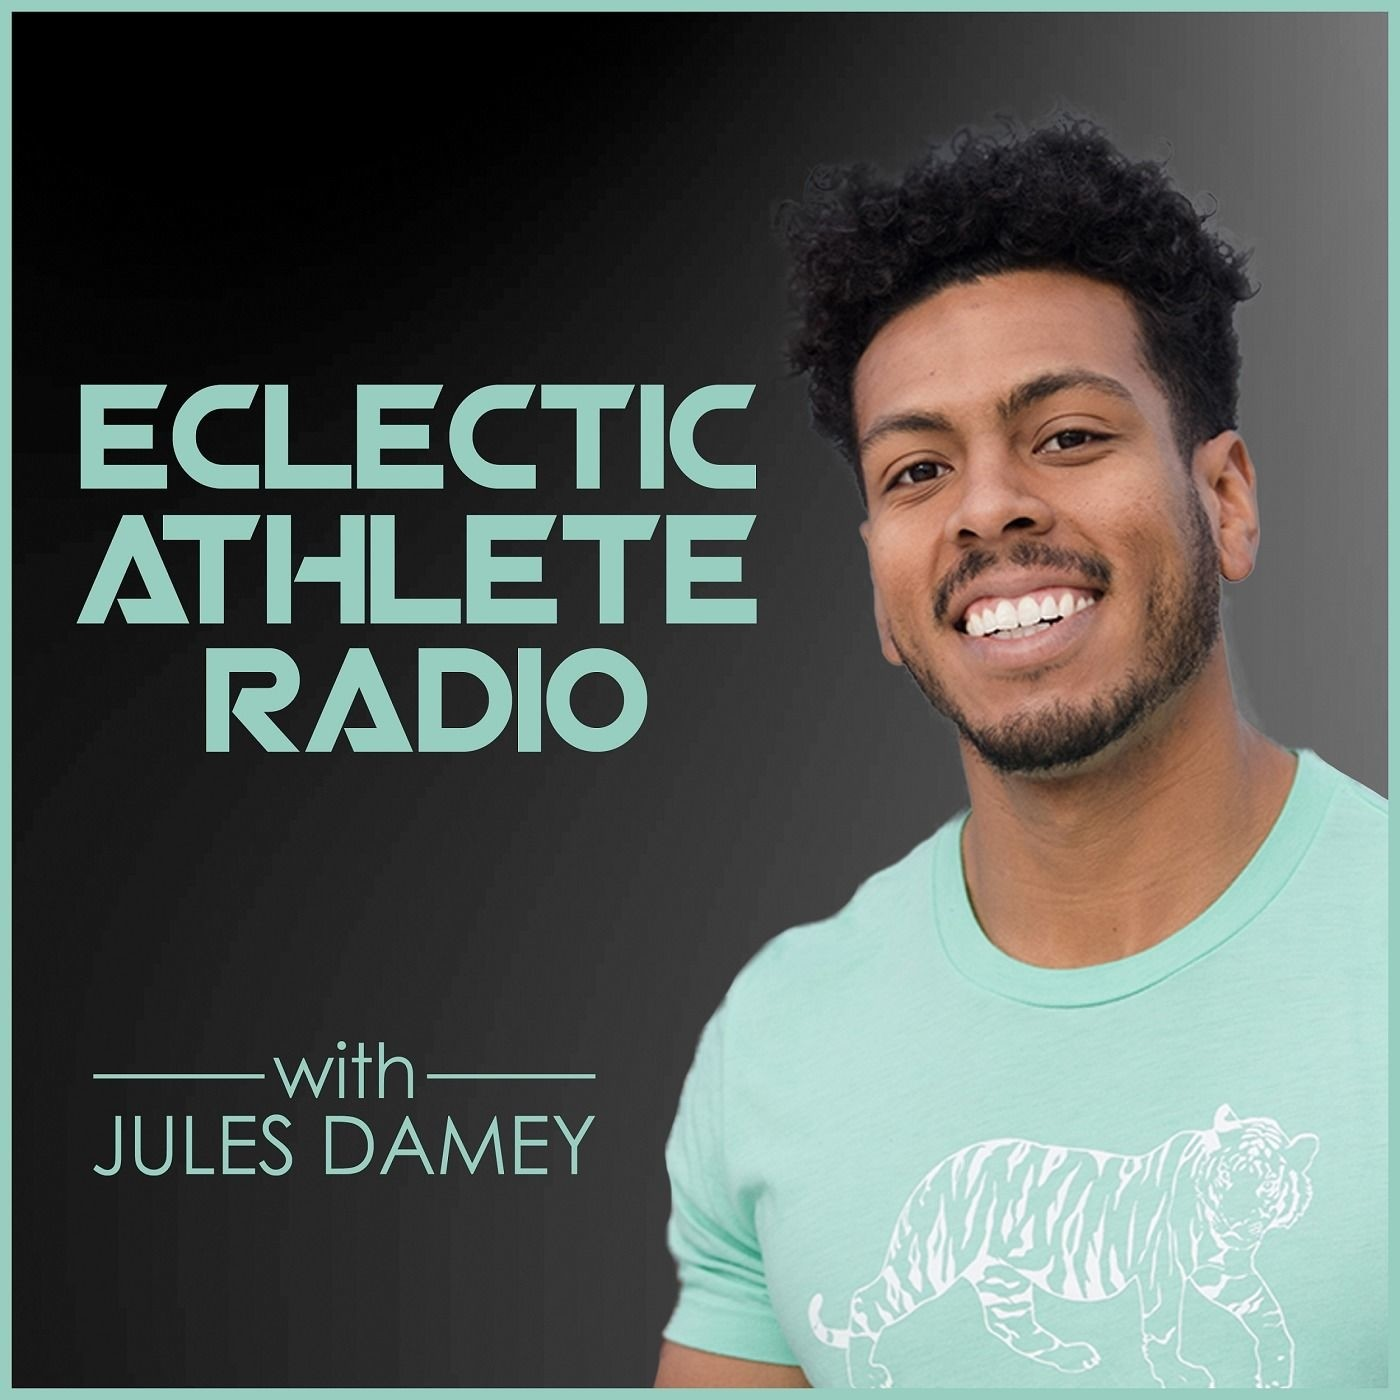 Eclectic Athlete Radio